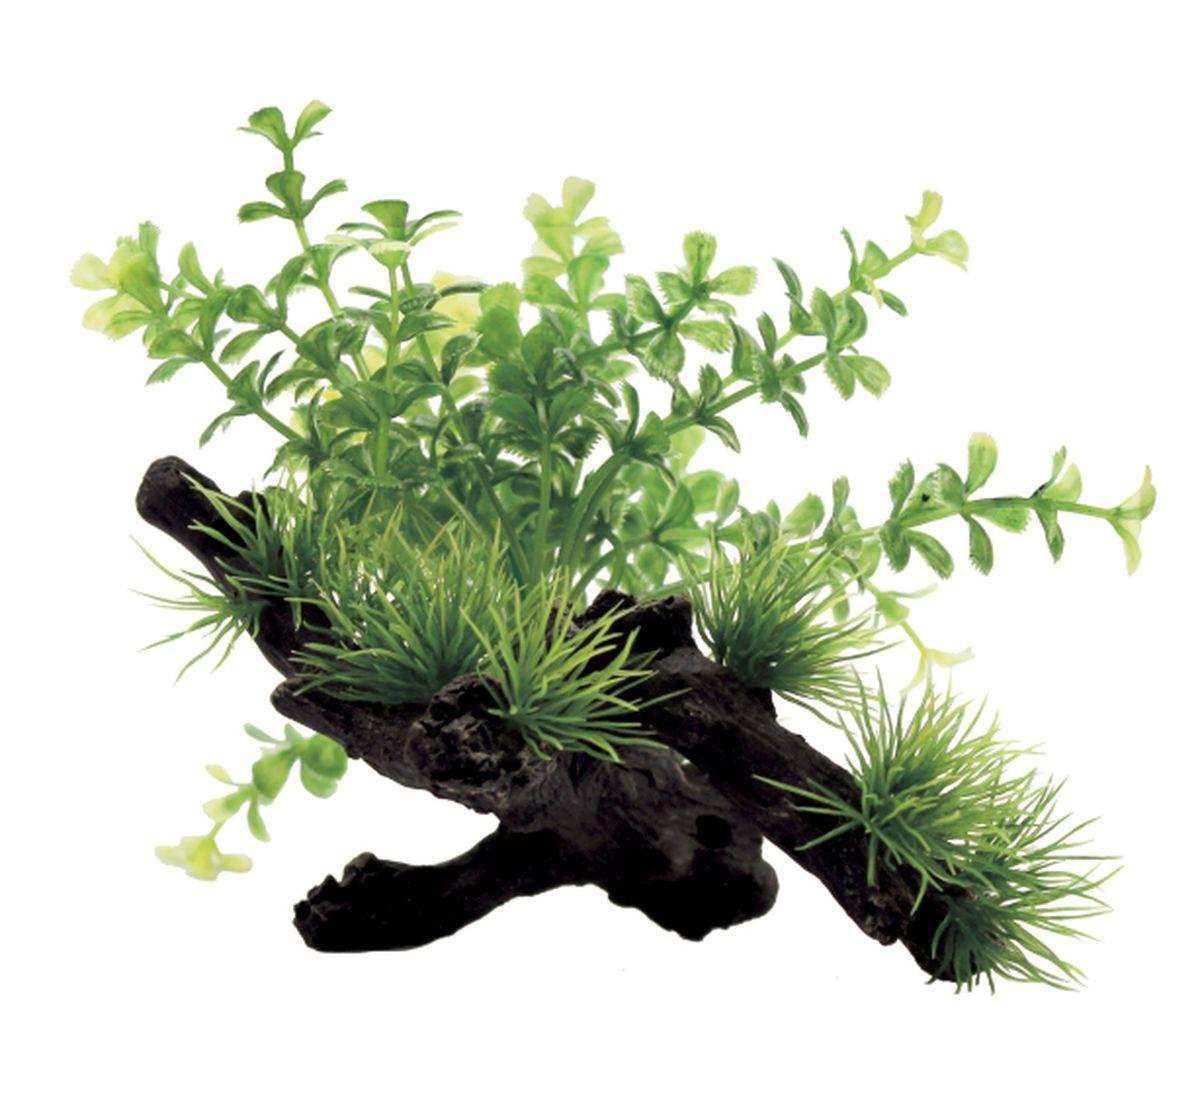 Композиция из растений для аквариума ArtUniq Микрантемум на коряге, 15 x 12 x 12 см0120710Композиция из искусственных растений ArtUniq превосходно украсит и оживит аквариум.Растения - это важная часть любой композиции, они помогут вдохнуть жизнь в ландшафт любого аквариума или террариума. Композиция является точной копией природного растения.